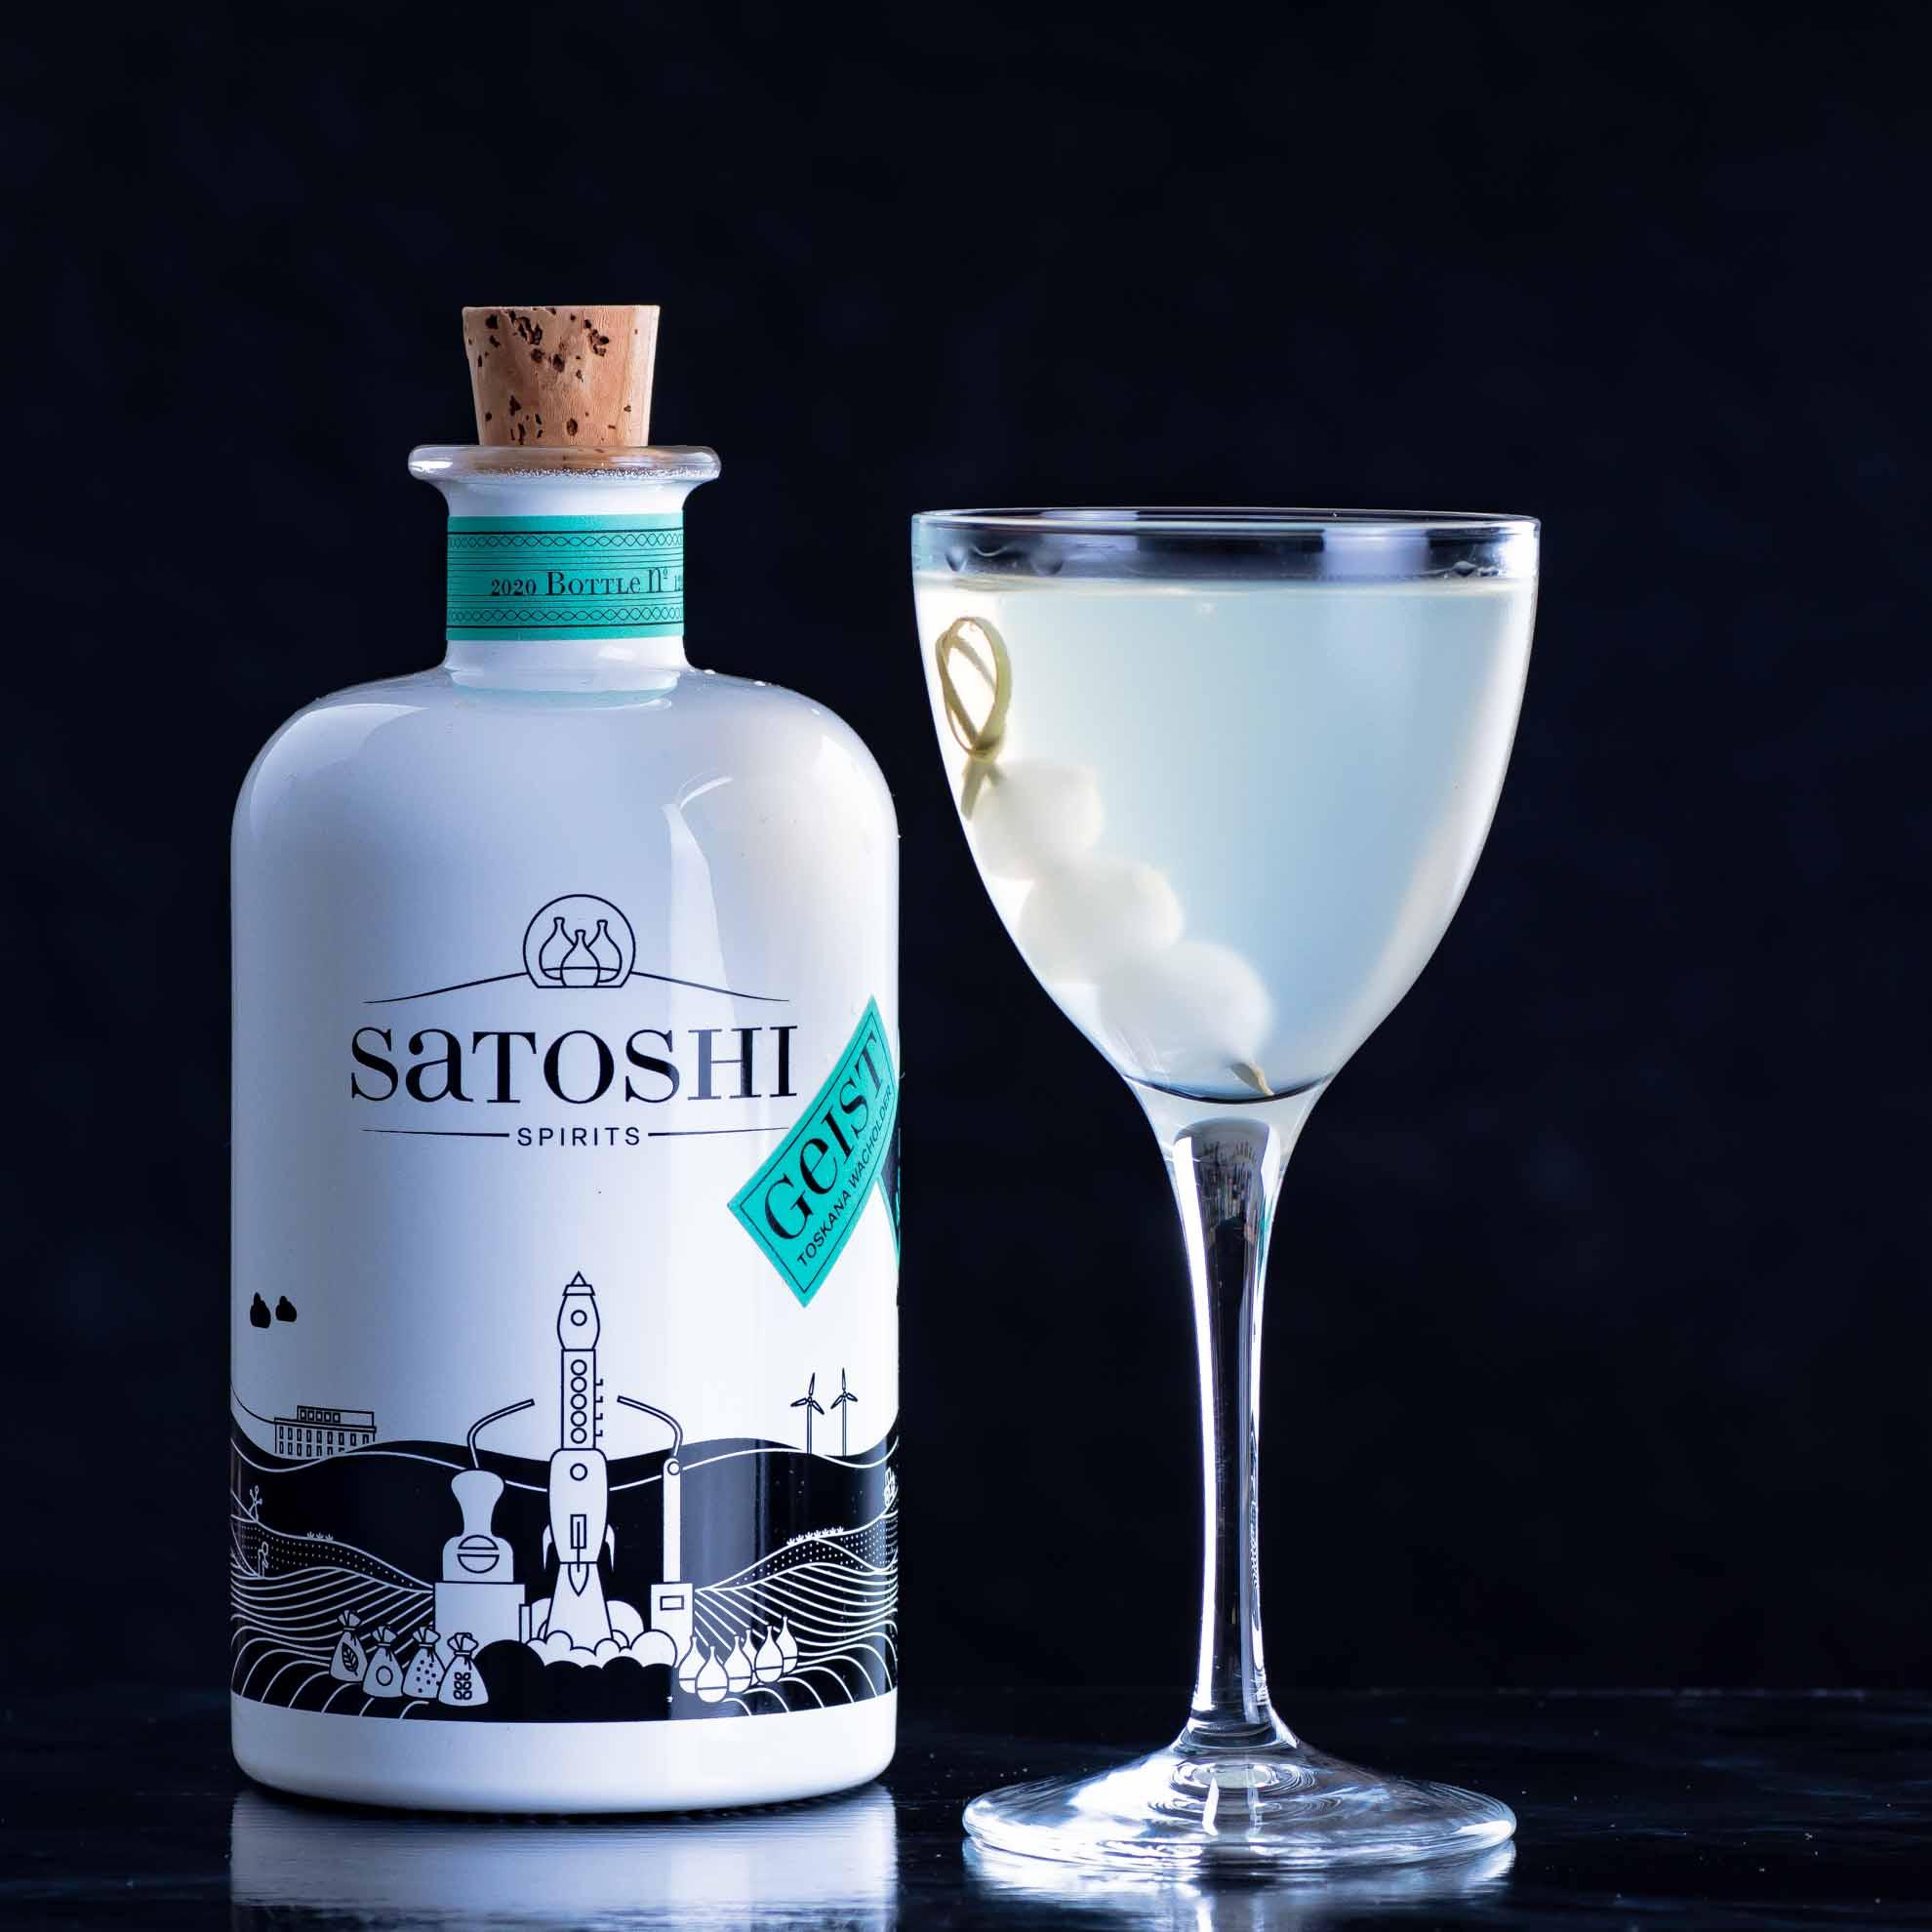 Kleiner Spoiler: Satoshi Spirits machen allesamt geile Martini-Variante. Das gilt vor allem für den Wacholdergeist, hier im Gibson Martini.